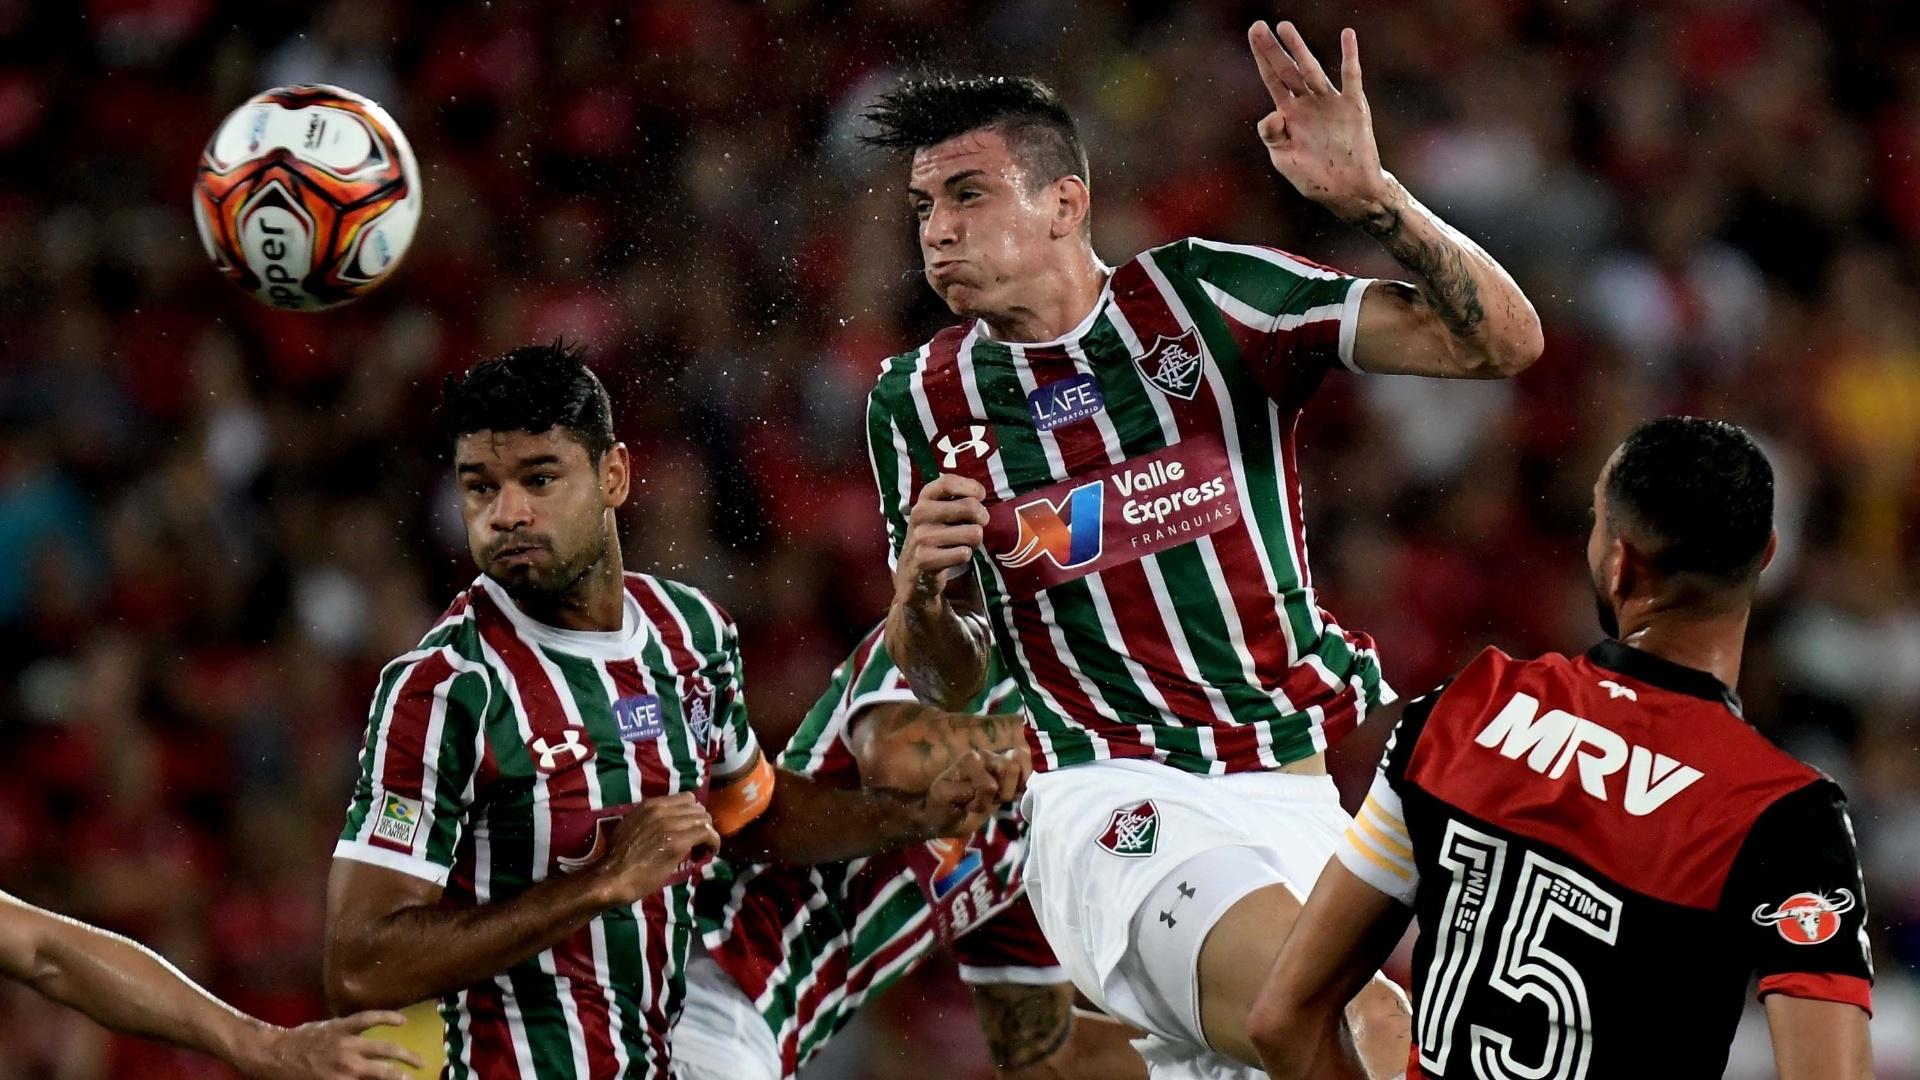 Roger Ibañez cabeceia a bola para o gol na partida Fluminense x Flamengo pela Taça Rio, segundo turno do Campeonato Carioca 2018